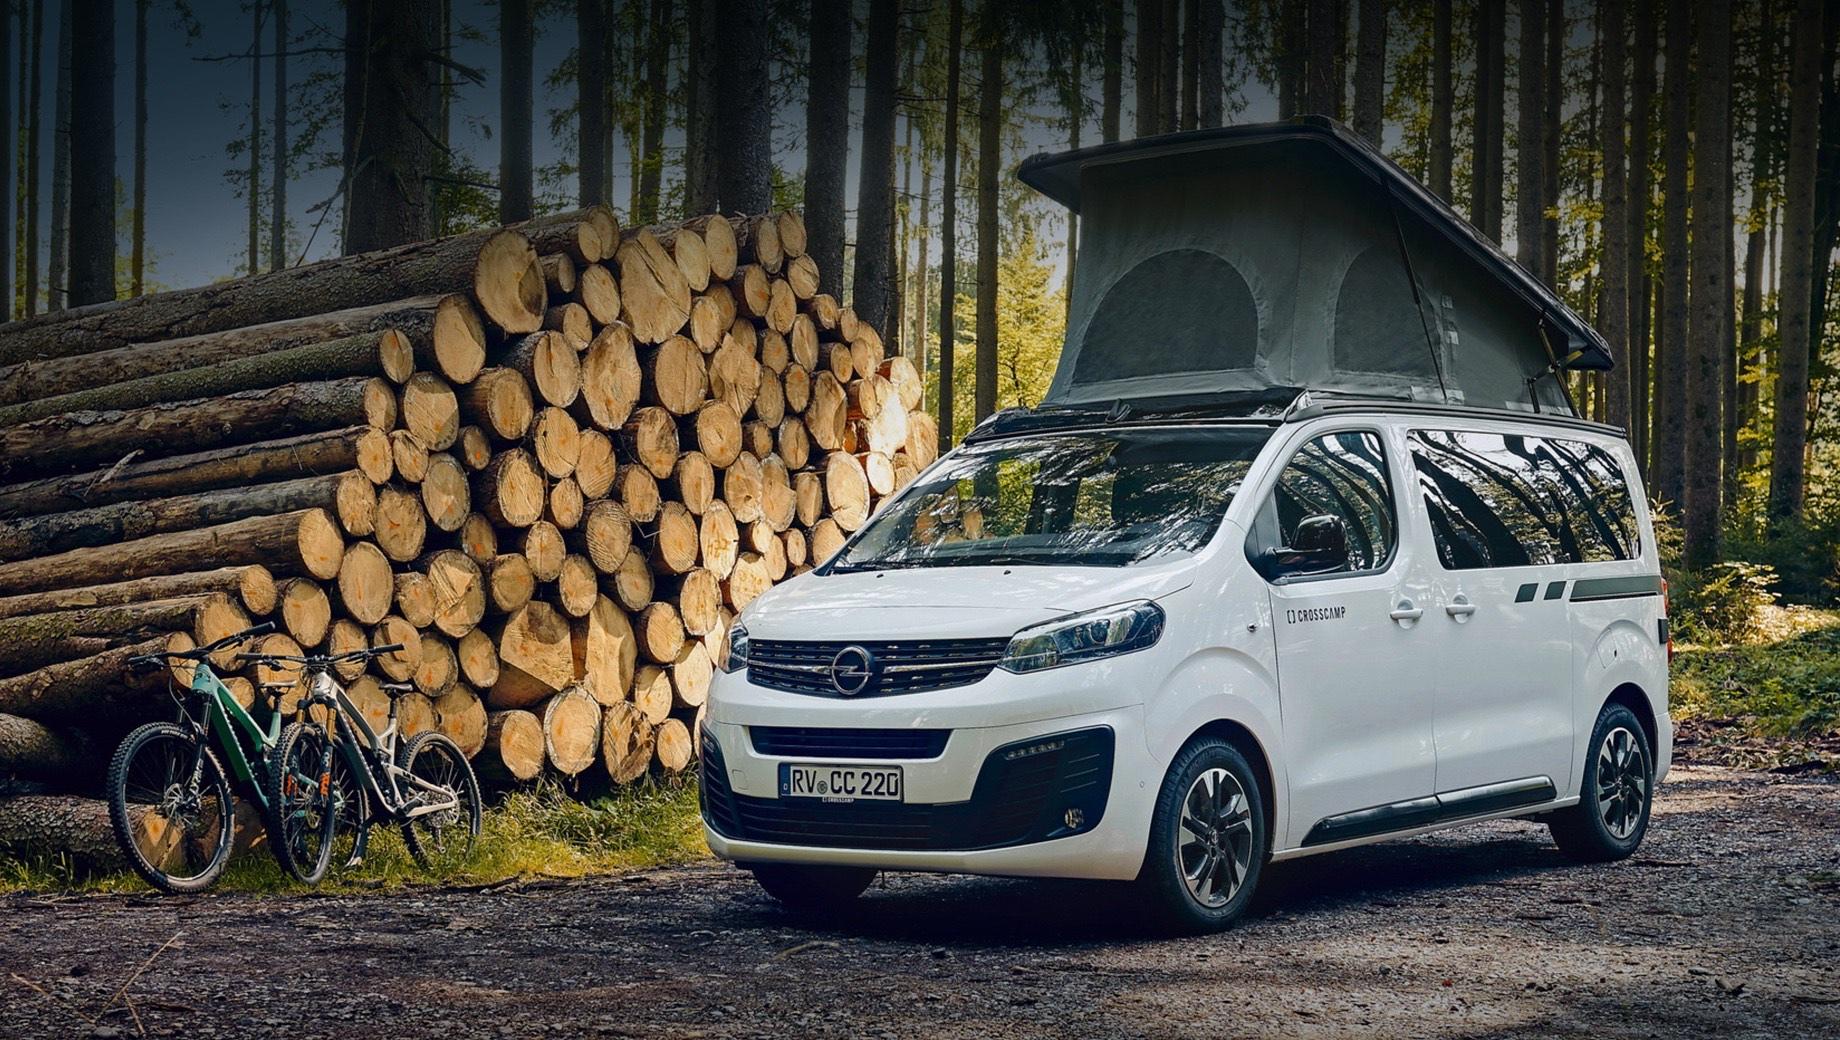 Opel zafira life,Opel zafira life crosscamp. Zafira Life Crosscamp Lite комплектуется двумя турбодизелями на выбор — 1.5 (120 л.с.) и 2.0 (145 и 177 сил). Младший мотор трудится в паре только с шестиступенчатой «механикой», а а старший — как с ручной коробкой передач, так и с восьмидиапазонной автоматической.